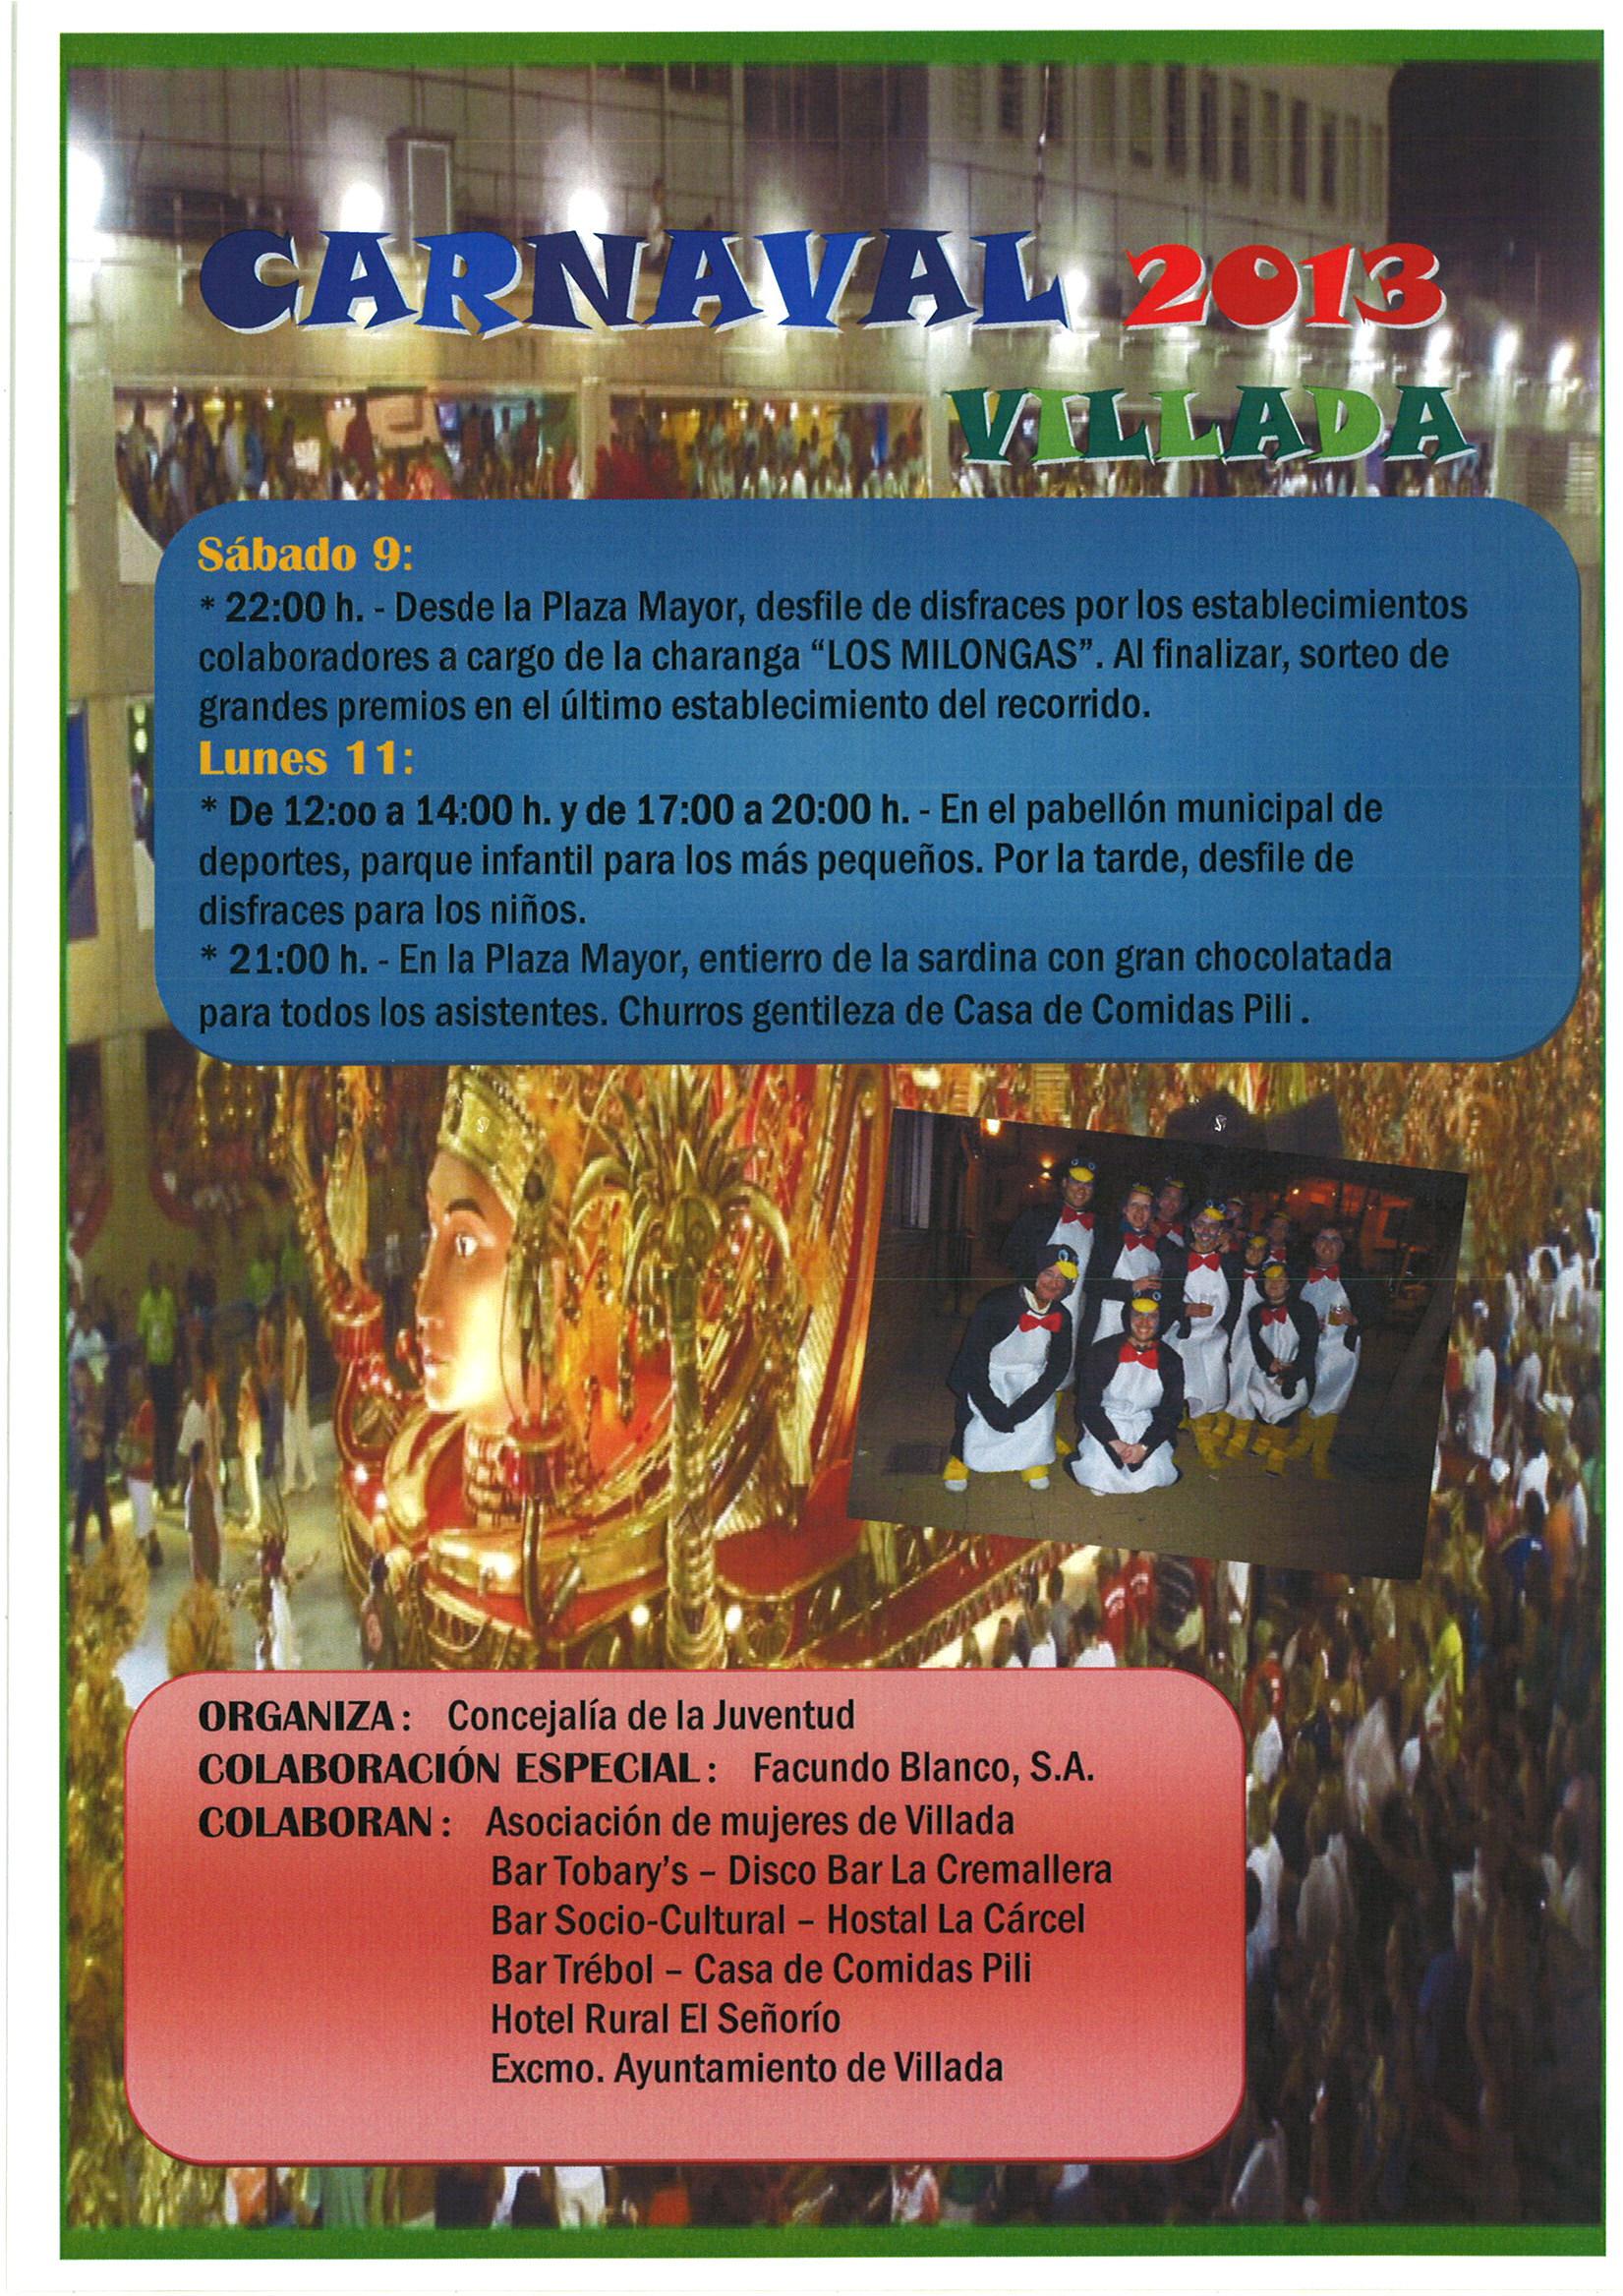 Carnavales 2013.